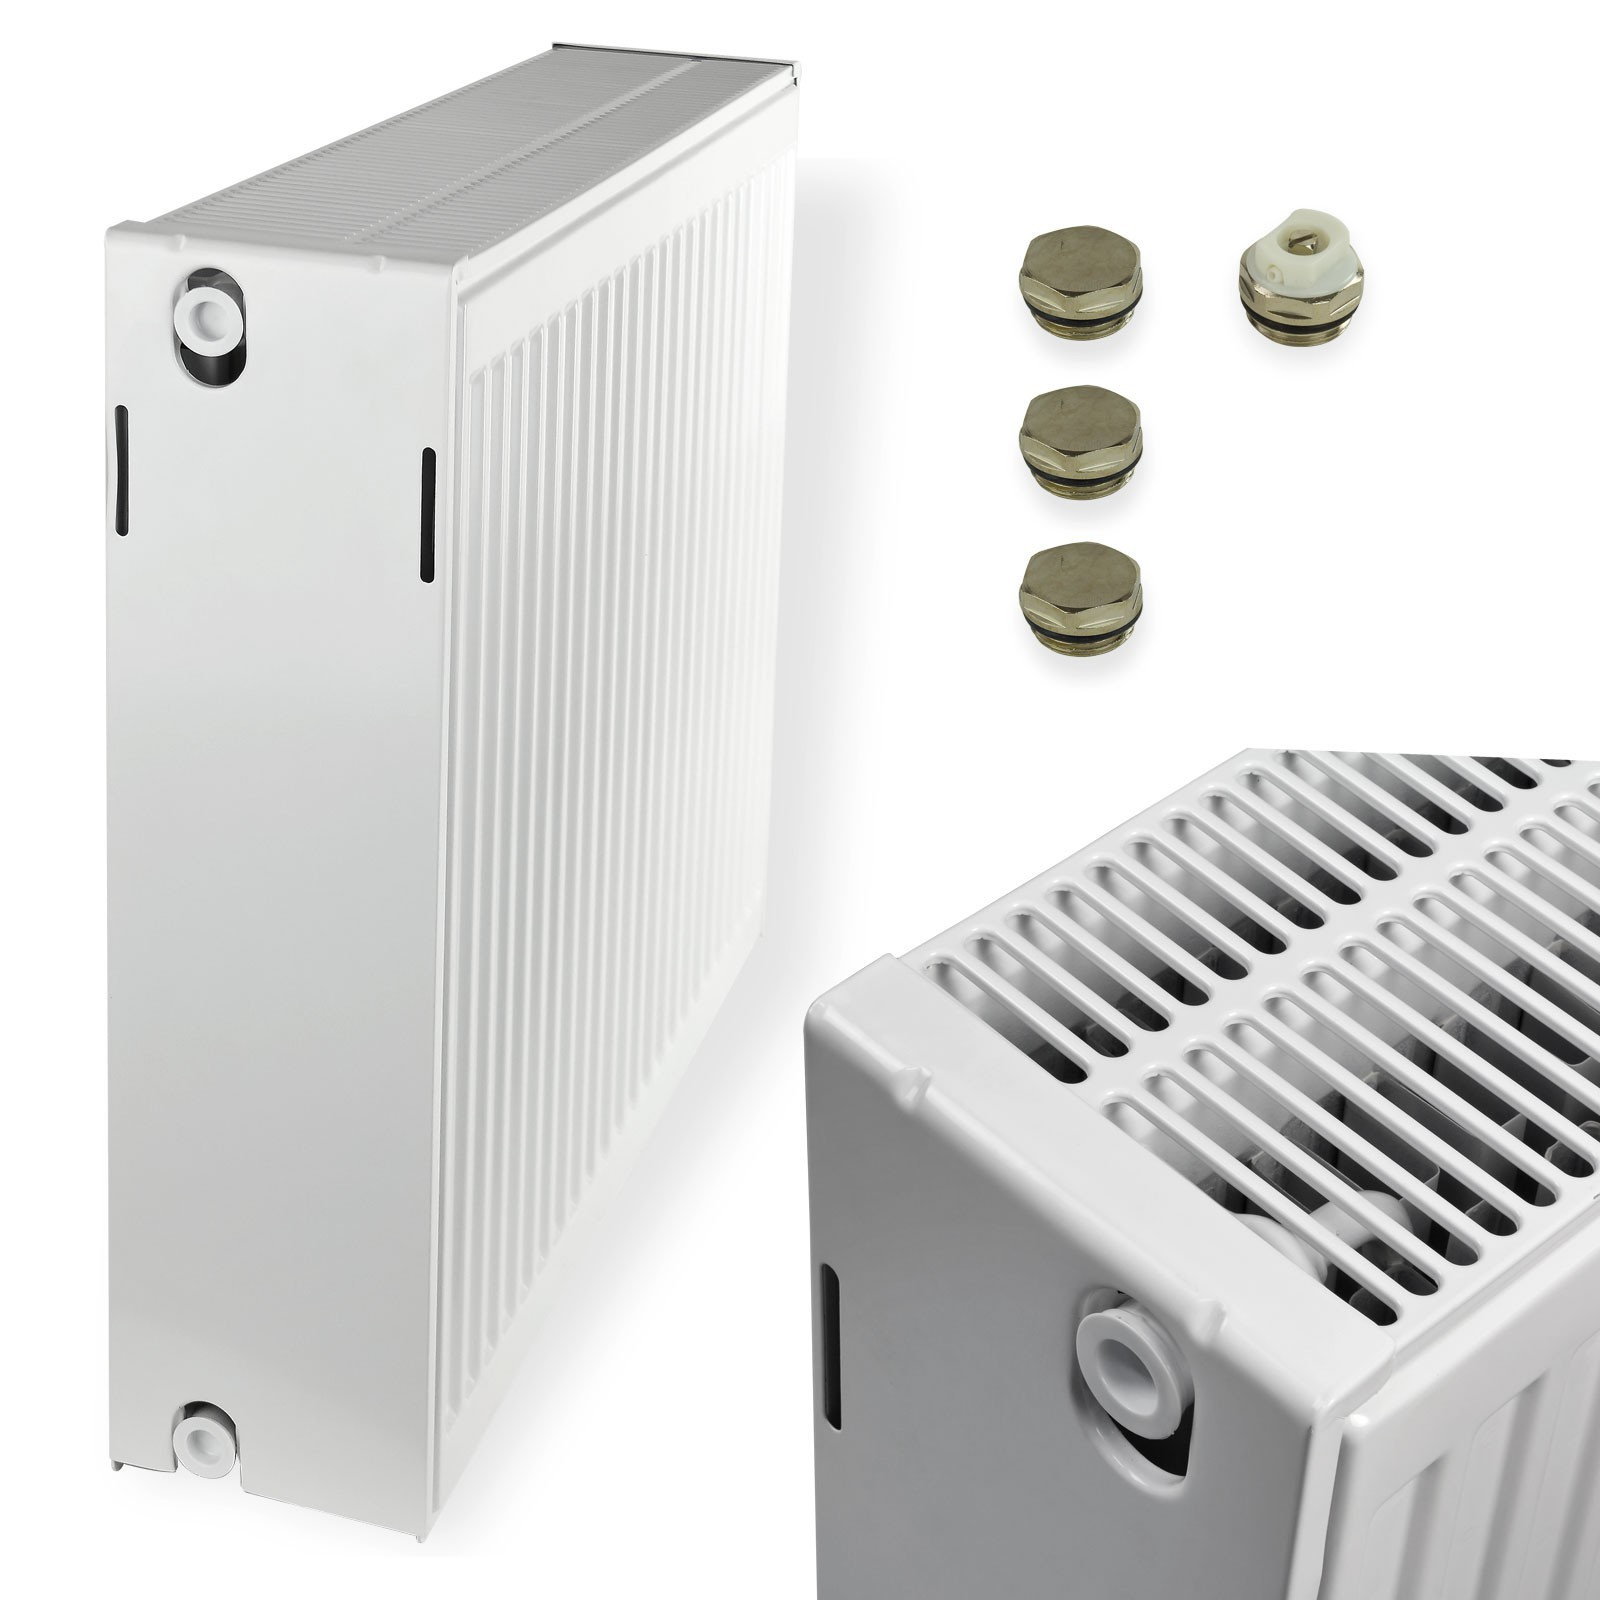 stabilo sanitaer heizk rper typ33 600x1000 mm ventilheizk rper kompaktheizk rper ebay. Black Bedroom Furniture Sets. Home Design Ideas